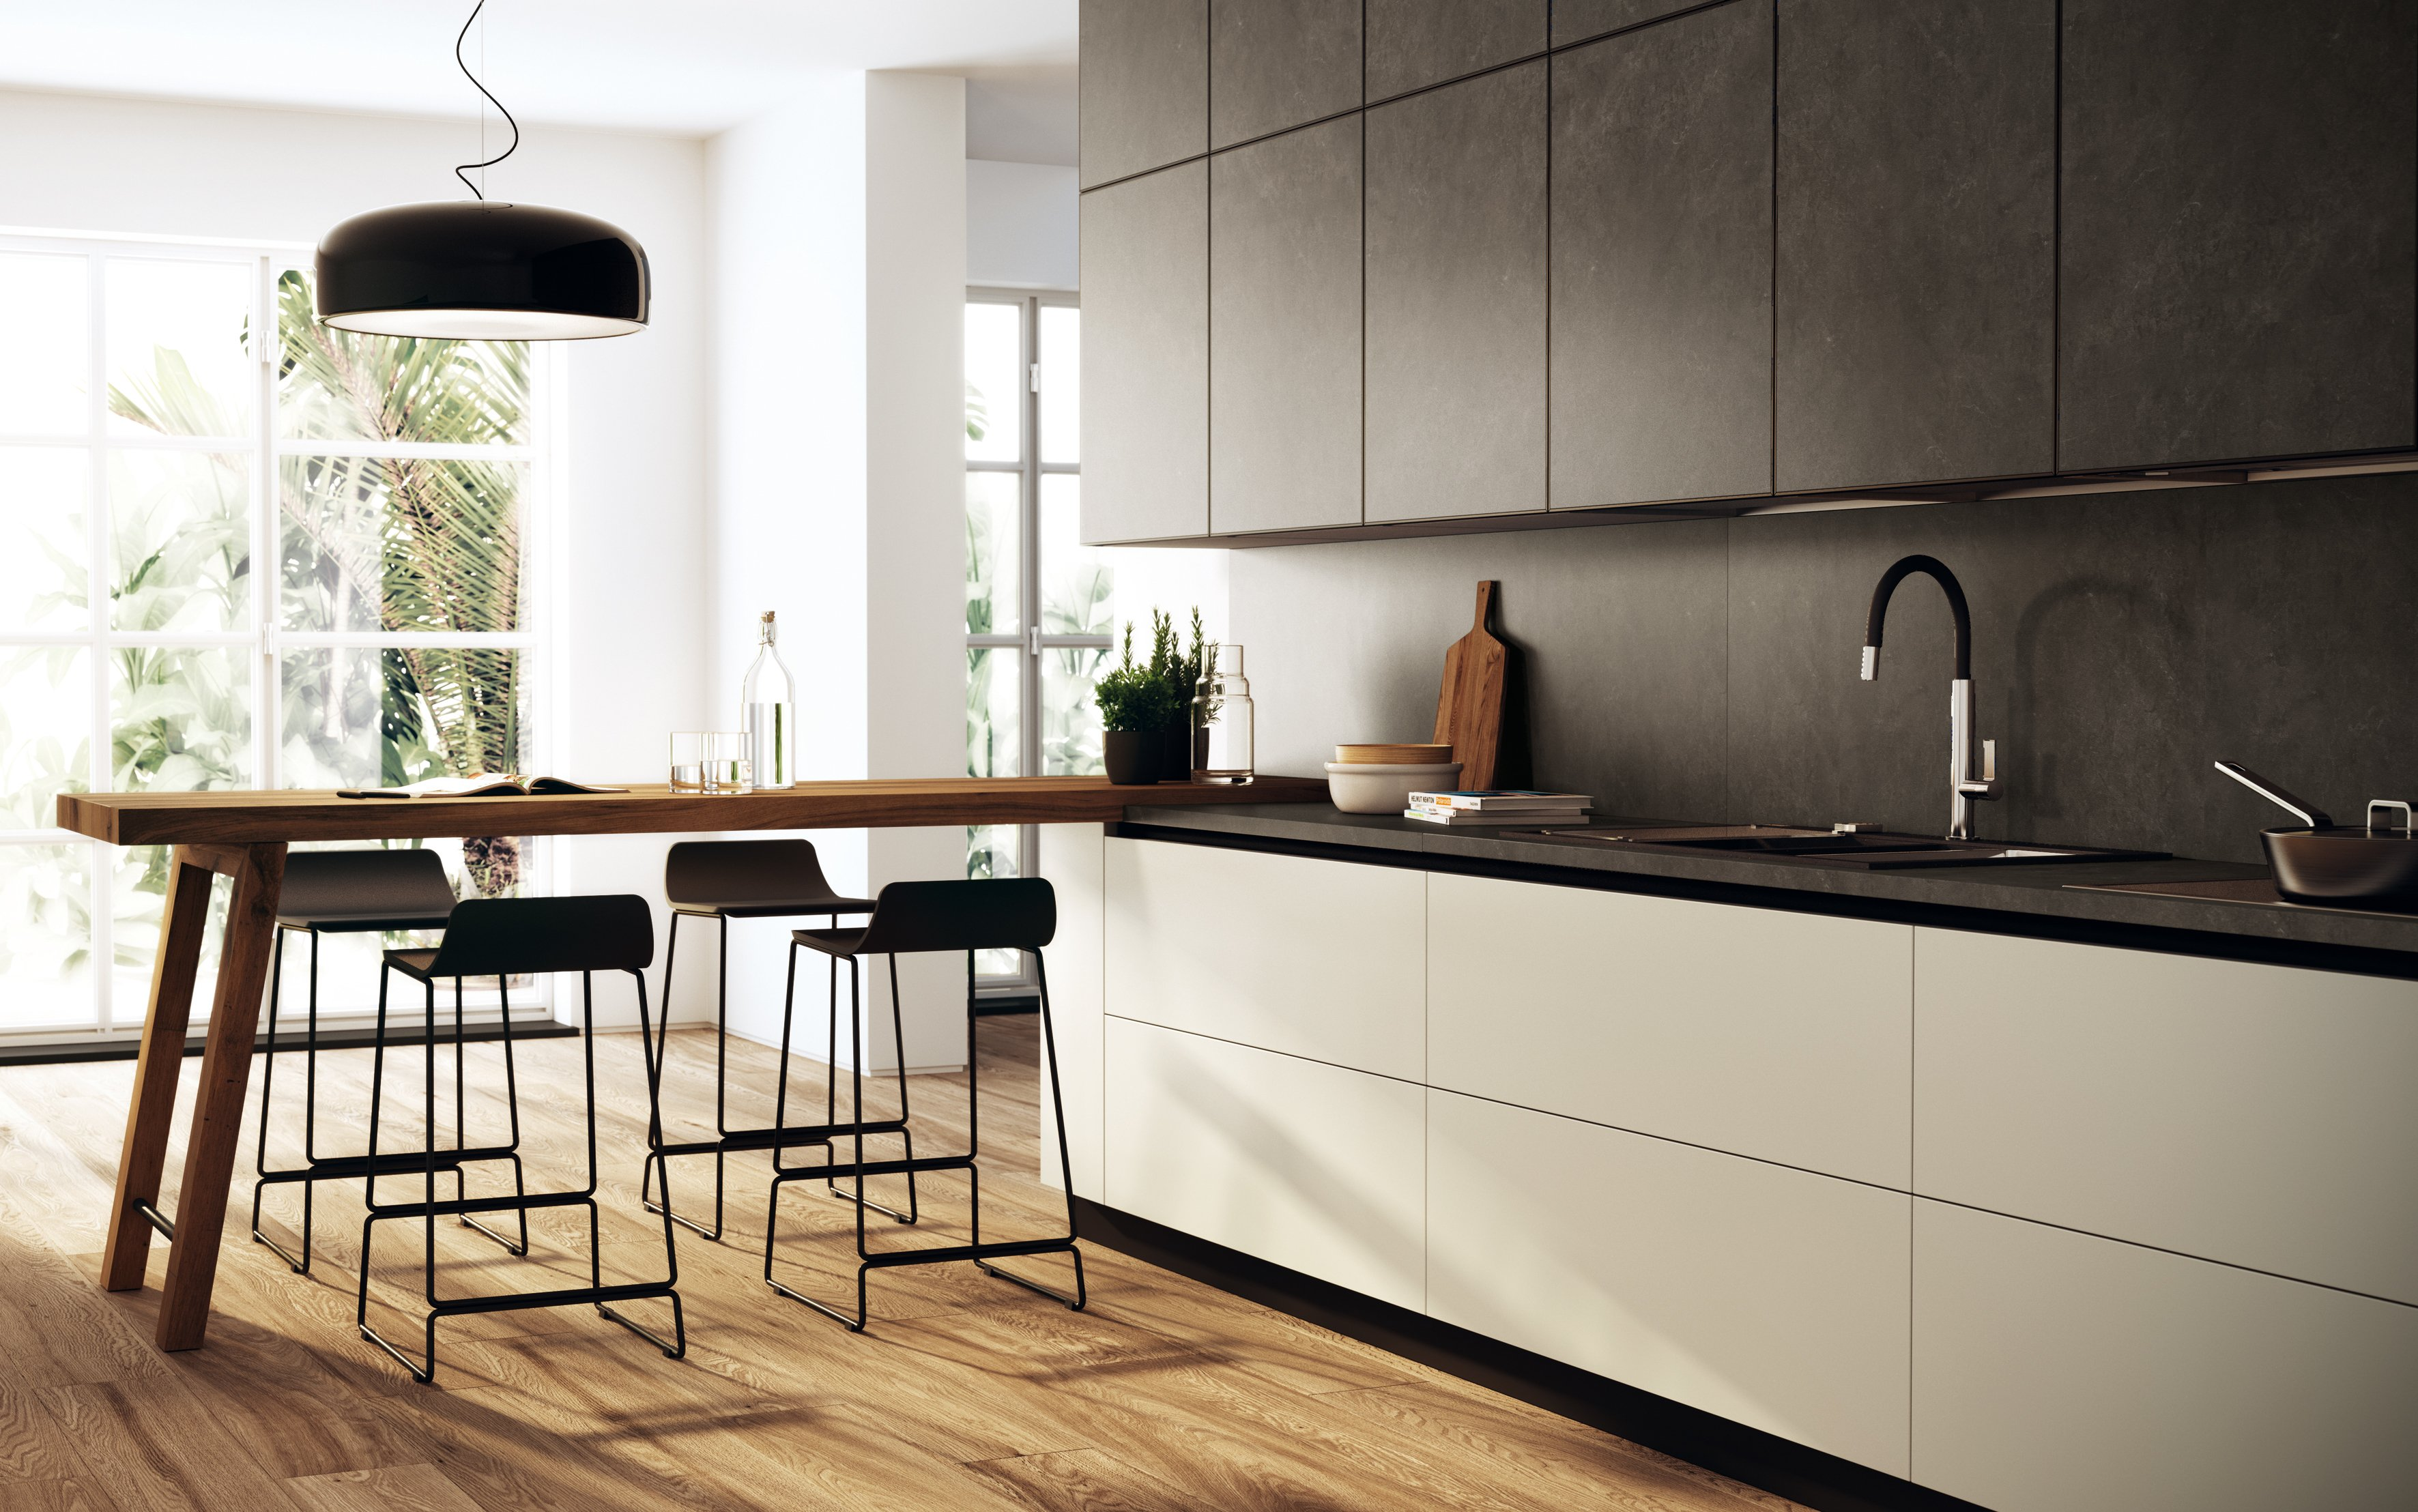 In cucina, materiali protagonisti - Cose di Casa